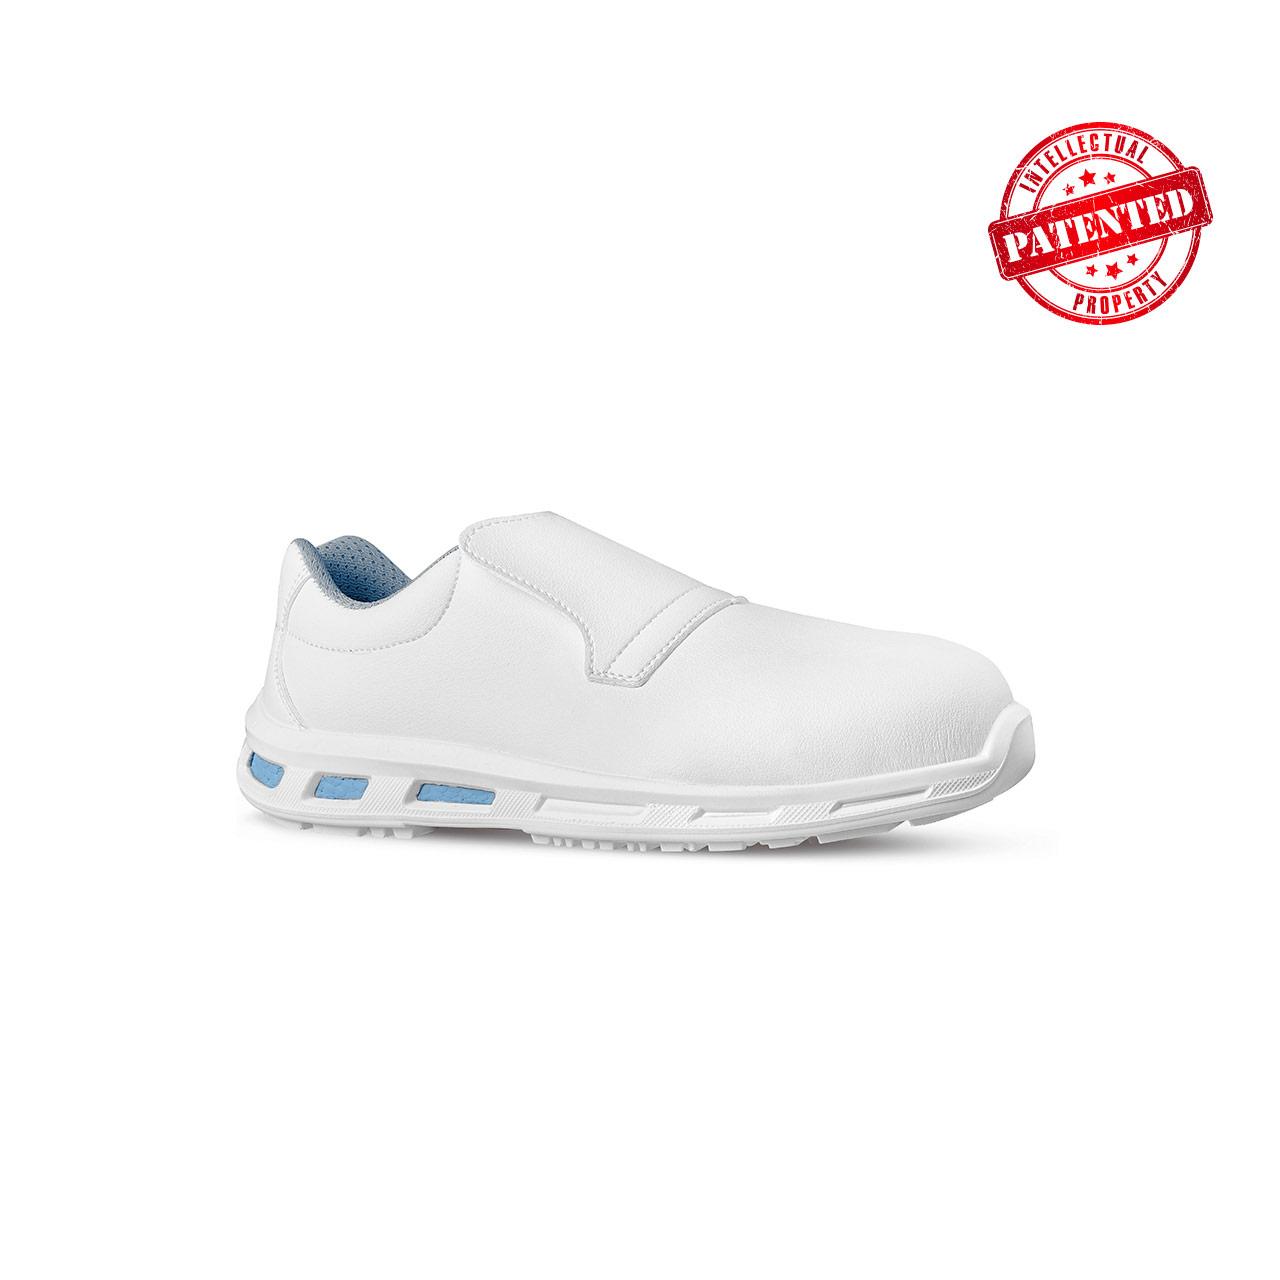 scarpa antinfortunistica upower modello blanco linea redlion vista laterale